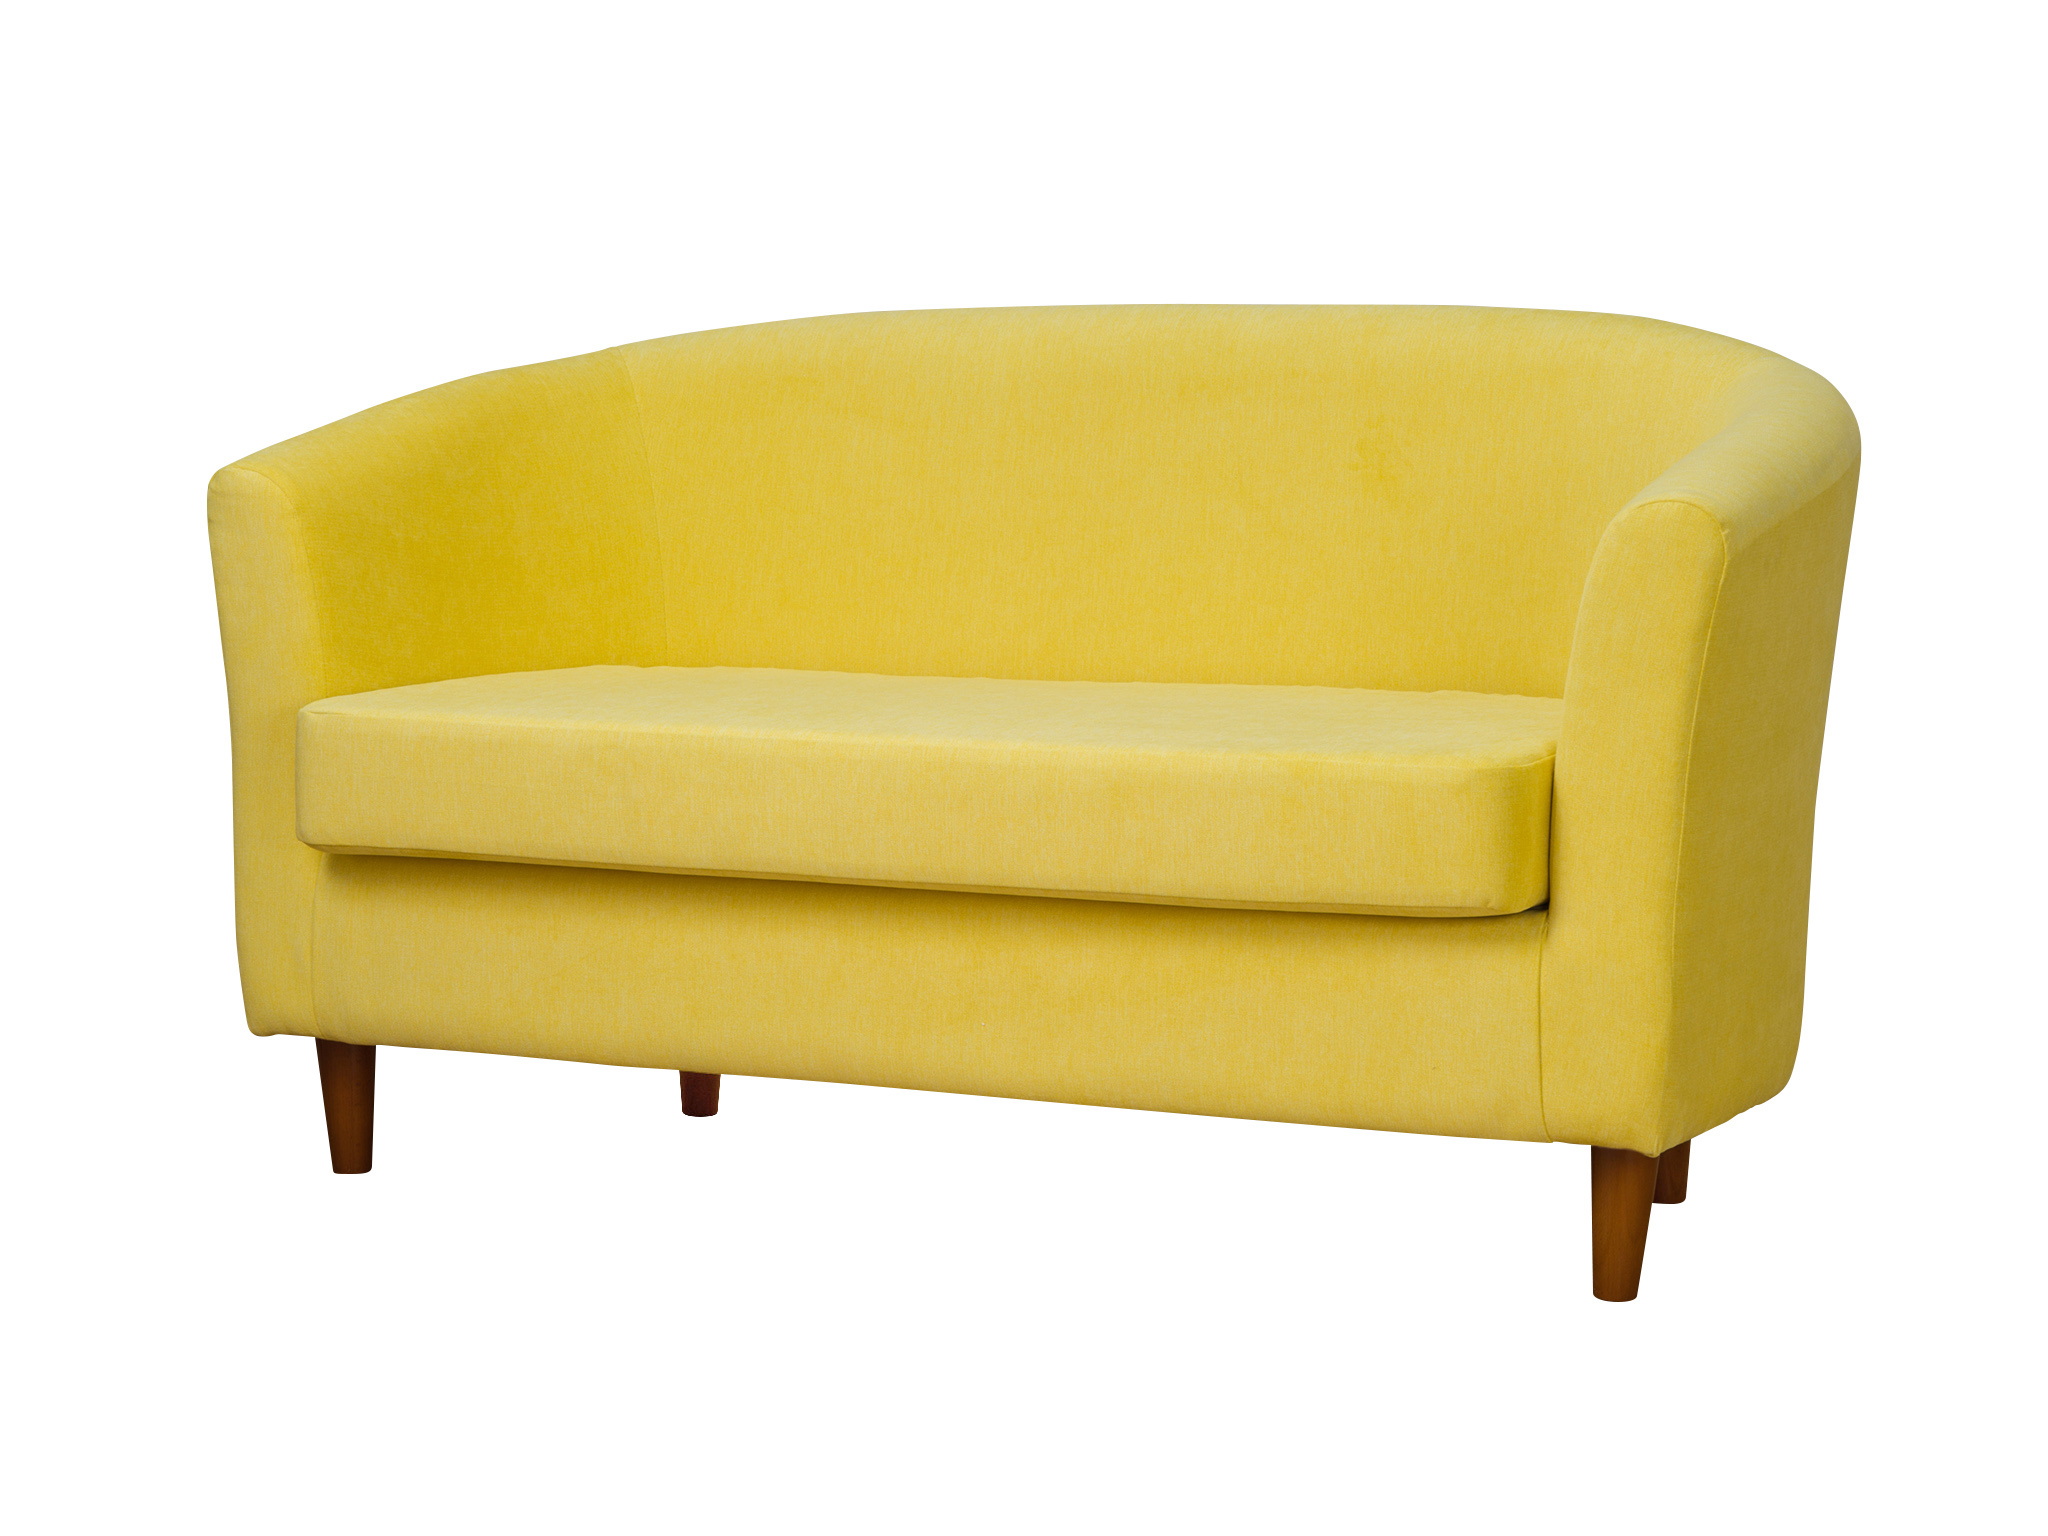 Диван МариДвухместные диваны<br>&amp;lt;div&amp;gt;Лаконичный диван &amp;quot;Мари&amp;quot; впишется в любой интерьер! Стильный и практичный: съемный чехол легко чистить. Диван представлен в двух цветах: уютном сером и нежном розовом, вам остается только решить, какой из них лучше дополнит ваш интерьер.&amp;lt;/div&amp;gt;&amp;lt;div&amp;gt;&amp;lt;br&amp;gt;&amp;lt;/div&amp;gt;&amp;lt;div&amp;gt;Ткань: кожа, наполнитель полиуретан и холлофайбер.&amp;lt;/div&amp;gt;&amp;lt;div&amp;gt;Каркас и ножки: натуральная древесина.&amp;amp;nbsp;&amp;lt;/div&amp;gt;&amp;lt;div&amp;gt;Дополнительно: съемный чехол.&amp;lt;/div&amp;gt;&amp;lt;div&amp;gt;&amp;lt;br&amp;gt;&amp;lt;/div&amp;gt;&amp;lt;div&amp;gt;Изделие можно заказать в любой ткани, стоимость и срок изготовления уточняйте у менеджера.&amp;lt;/div&amp;gt;<br><br>Material: Текстиль<br>Ширина см: 141<br>Высота см: 81<br>Глубина см: 71